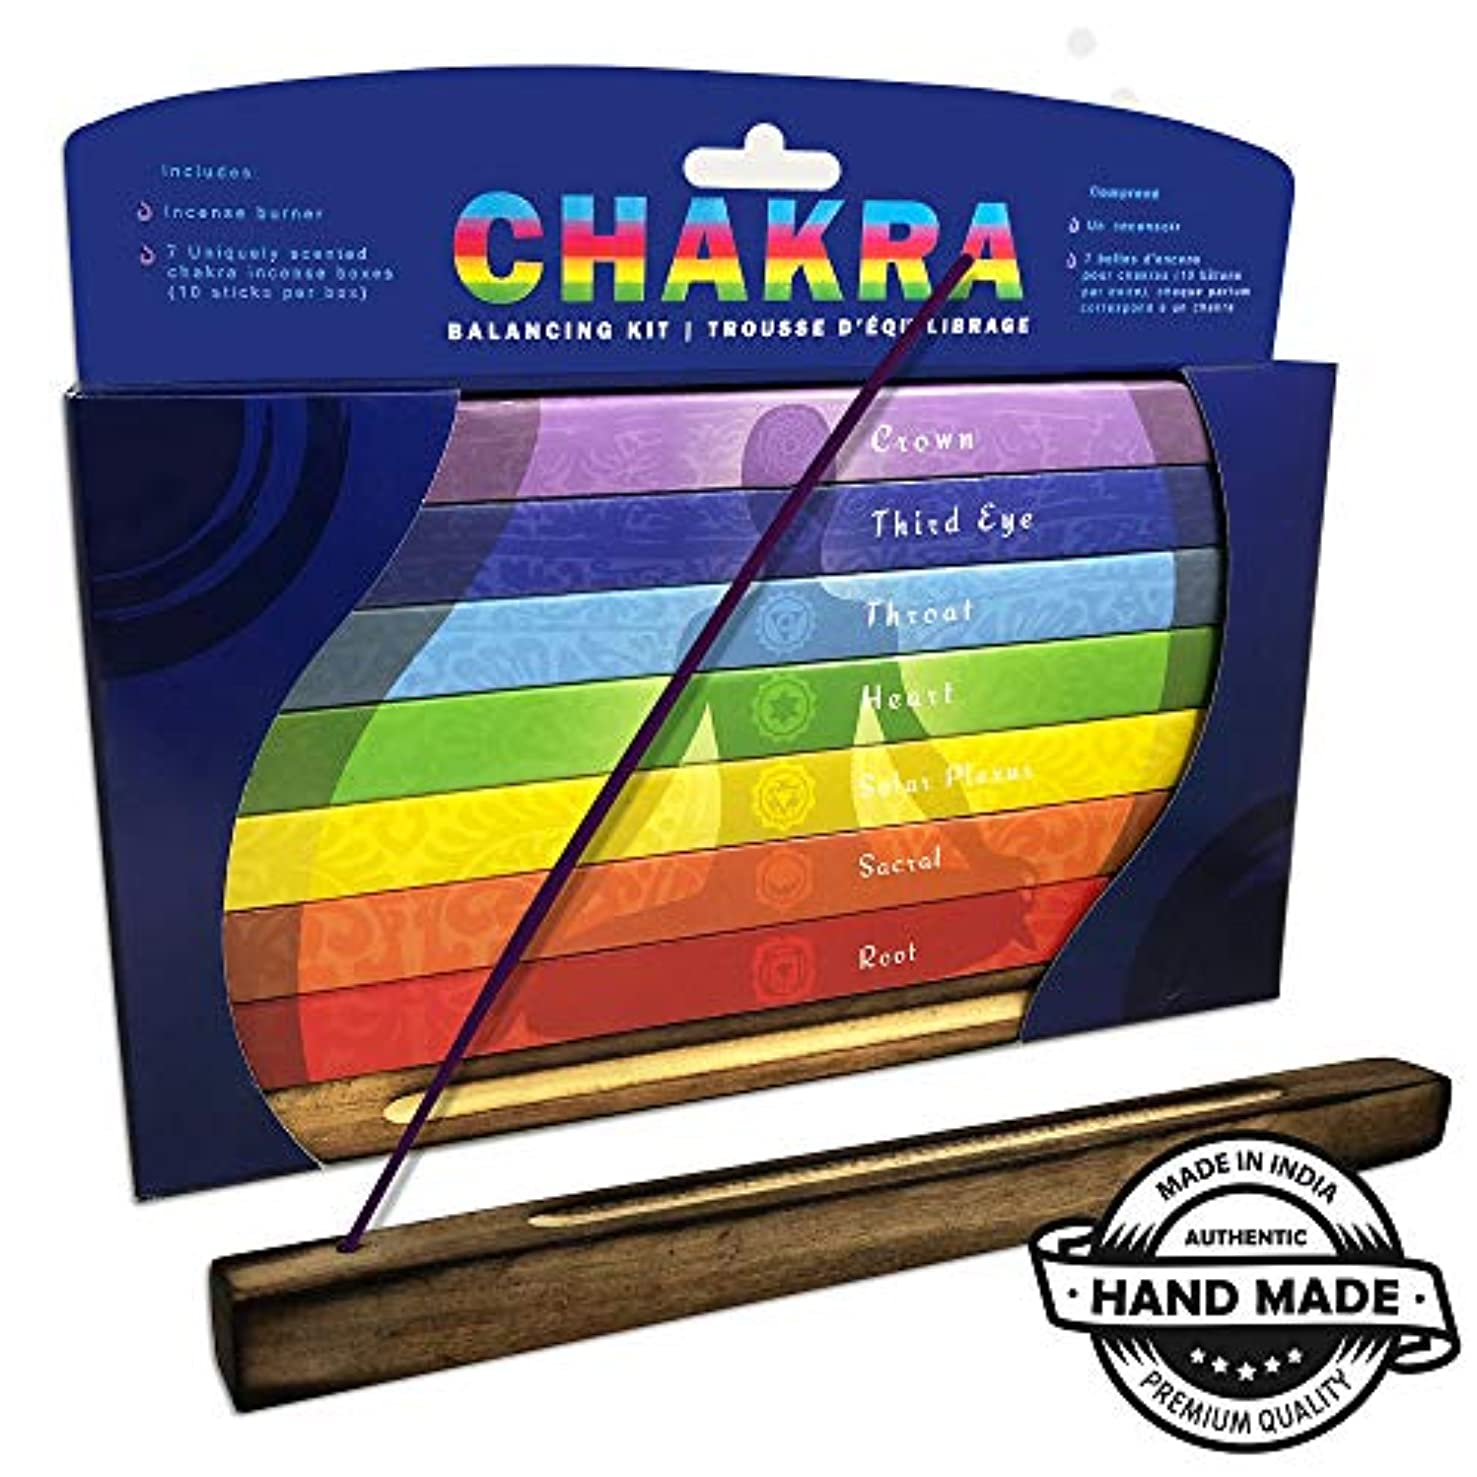 所属シャトルうめきChakra & Luck プレミアムインセンススティック | クラウンからルートまで7つのチャクラ | 70スティックセットギフトパック | ヒーリング ヨガ 瞑想 アロマセラピーに最適なバランスのお香